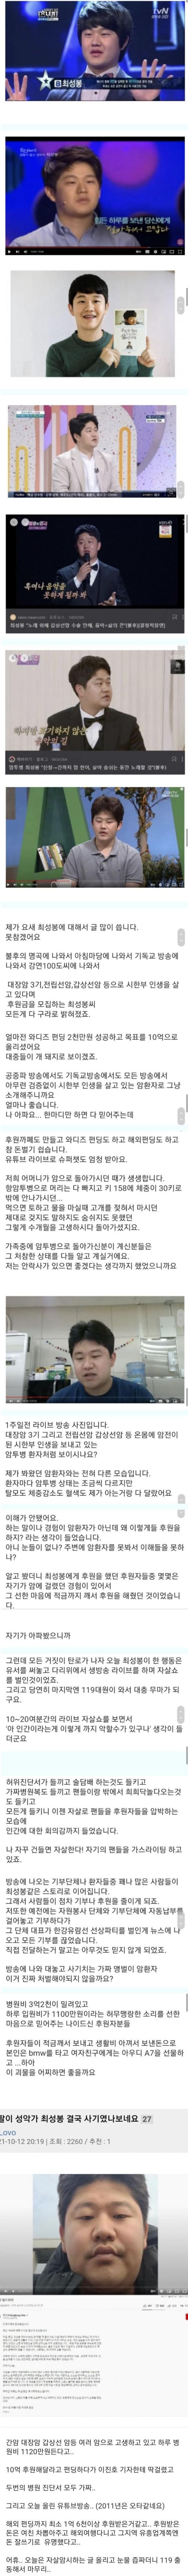 가짜 암투병으로 후원금 수억원 땡긴 성악가